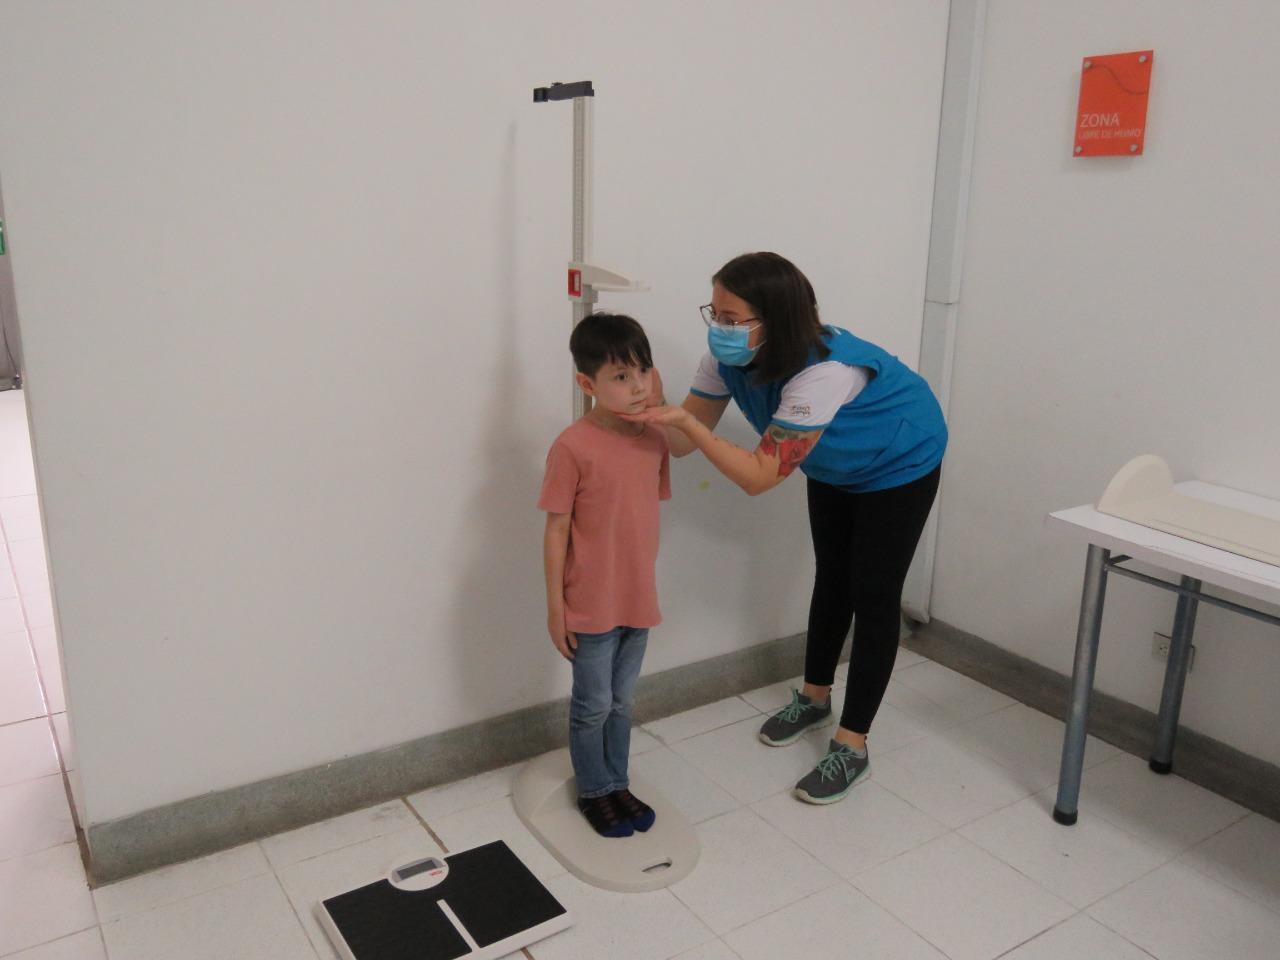 Buen Comienzo ha diseñado más de 19.000 planes de acompañamiento a niños y niñas en riesgo de malnutrición – @Buen_comienzo @AlcaldiadeMeda